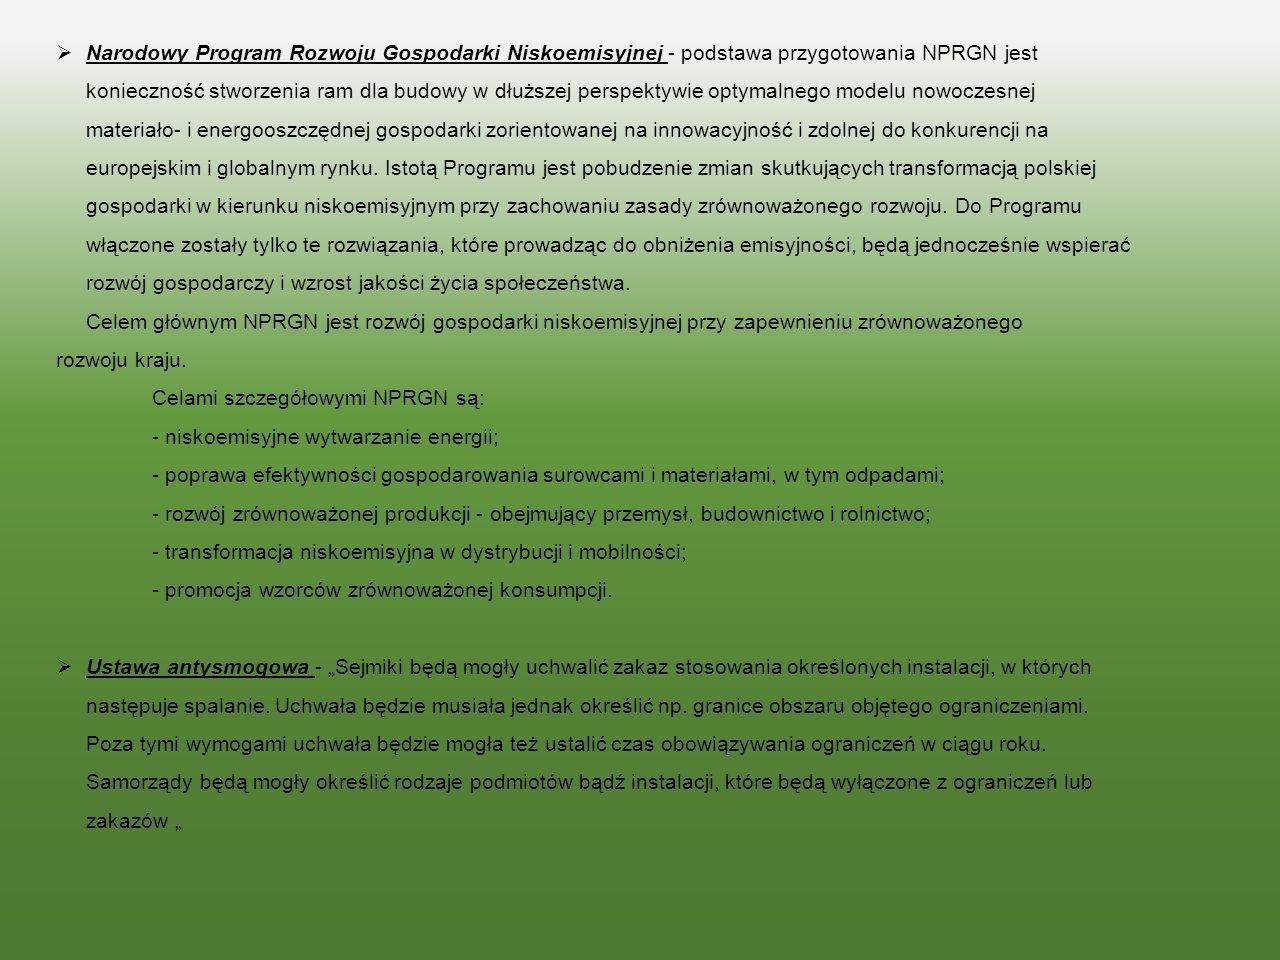 Narodowy Program Rozwoju Gospodarki Niskoemisyjnej - podstawa przygotowania NPRGN jest konieczność stworzenia ram dla budowy w dłuższej perspektywie optymalnego modelu nowoczesnej materiało- i energooszczędnej gospodarki zorientowanej na innowacyjność i zdolnej do konkurencji na europejskim i globalnym rynku. Istotą Programu jest pobudzenie zmian skutkujących transformacją polskiej gospodarki w kierunku niskoemisyjnym przy zachowaniu zasady zrównoważonego rozwoju. Do Programu włączone zostały tylko te rozwiązania, które prowadząc do obniżenia emisyjności, będą jednocześnie wspierać rozwój gospodarczy i wzrost jakości życia społeczeństwa.